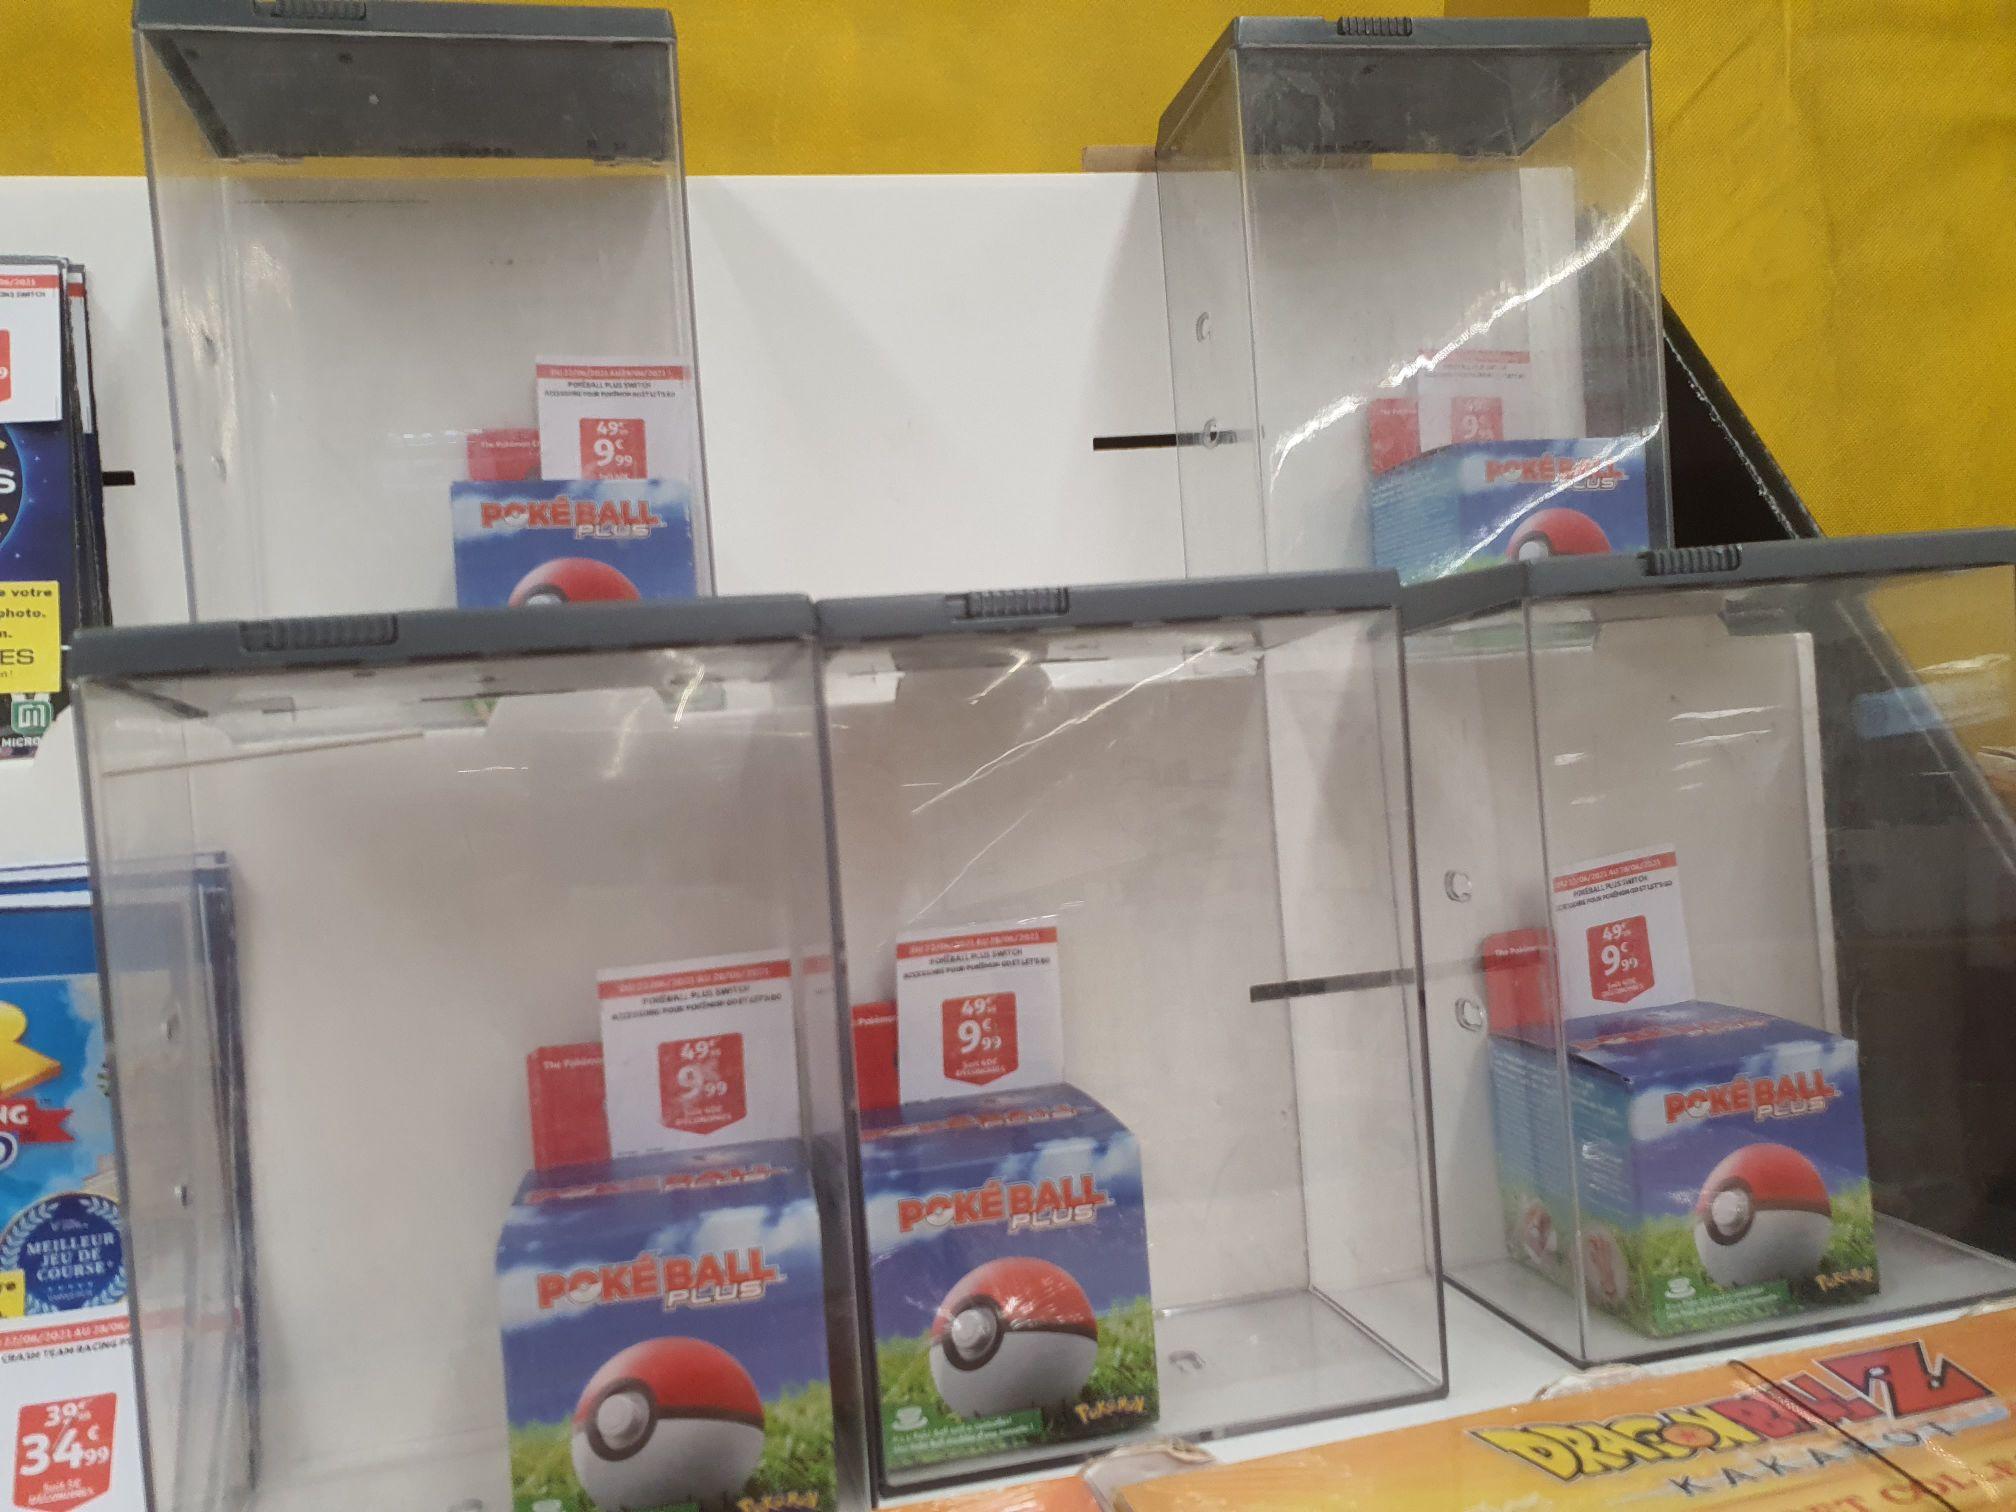 Accessoire Pokéball Plus pour Nintendo Switch - Le Havre (76)